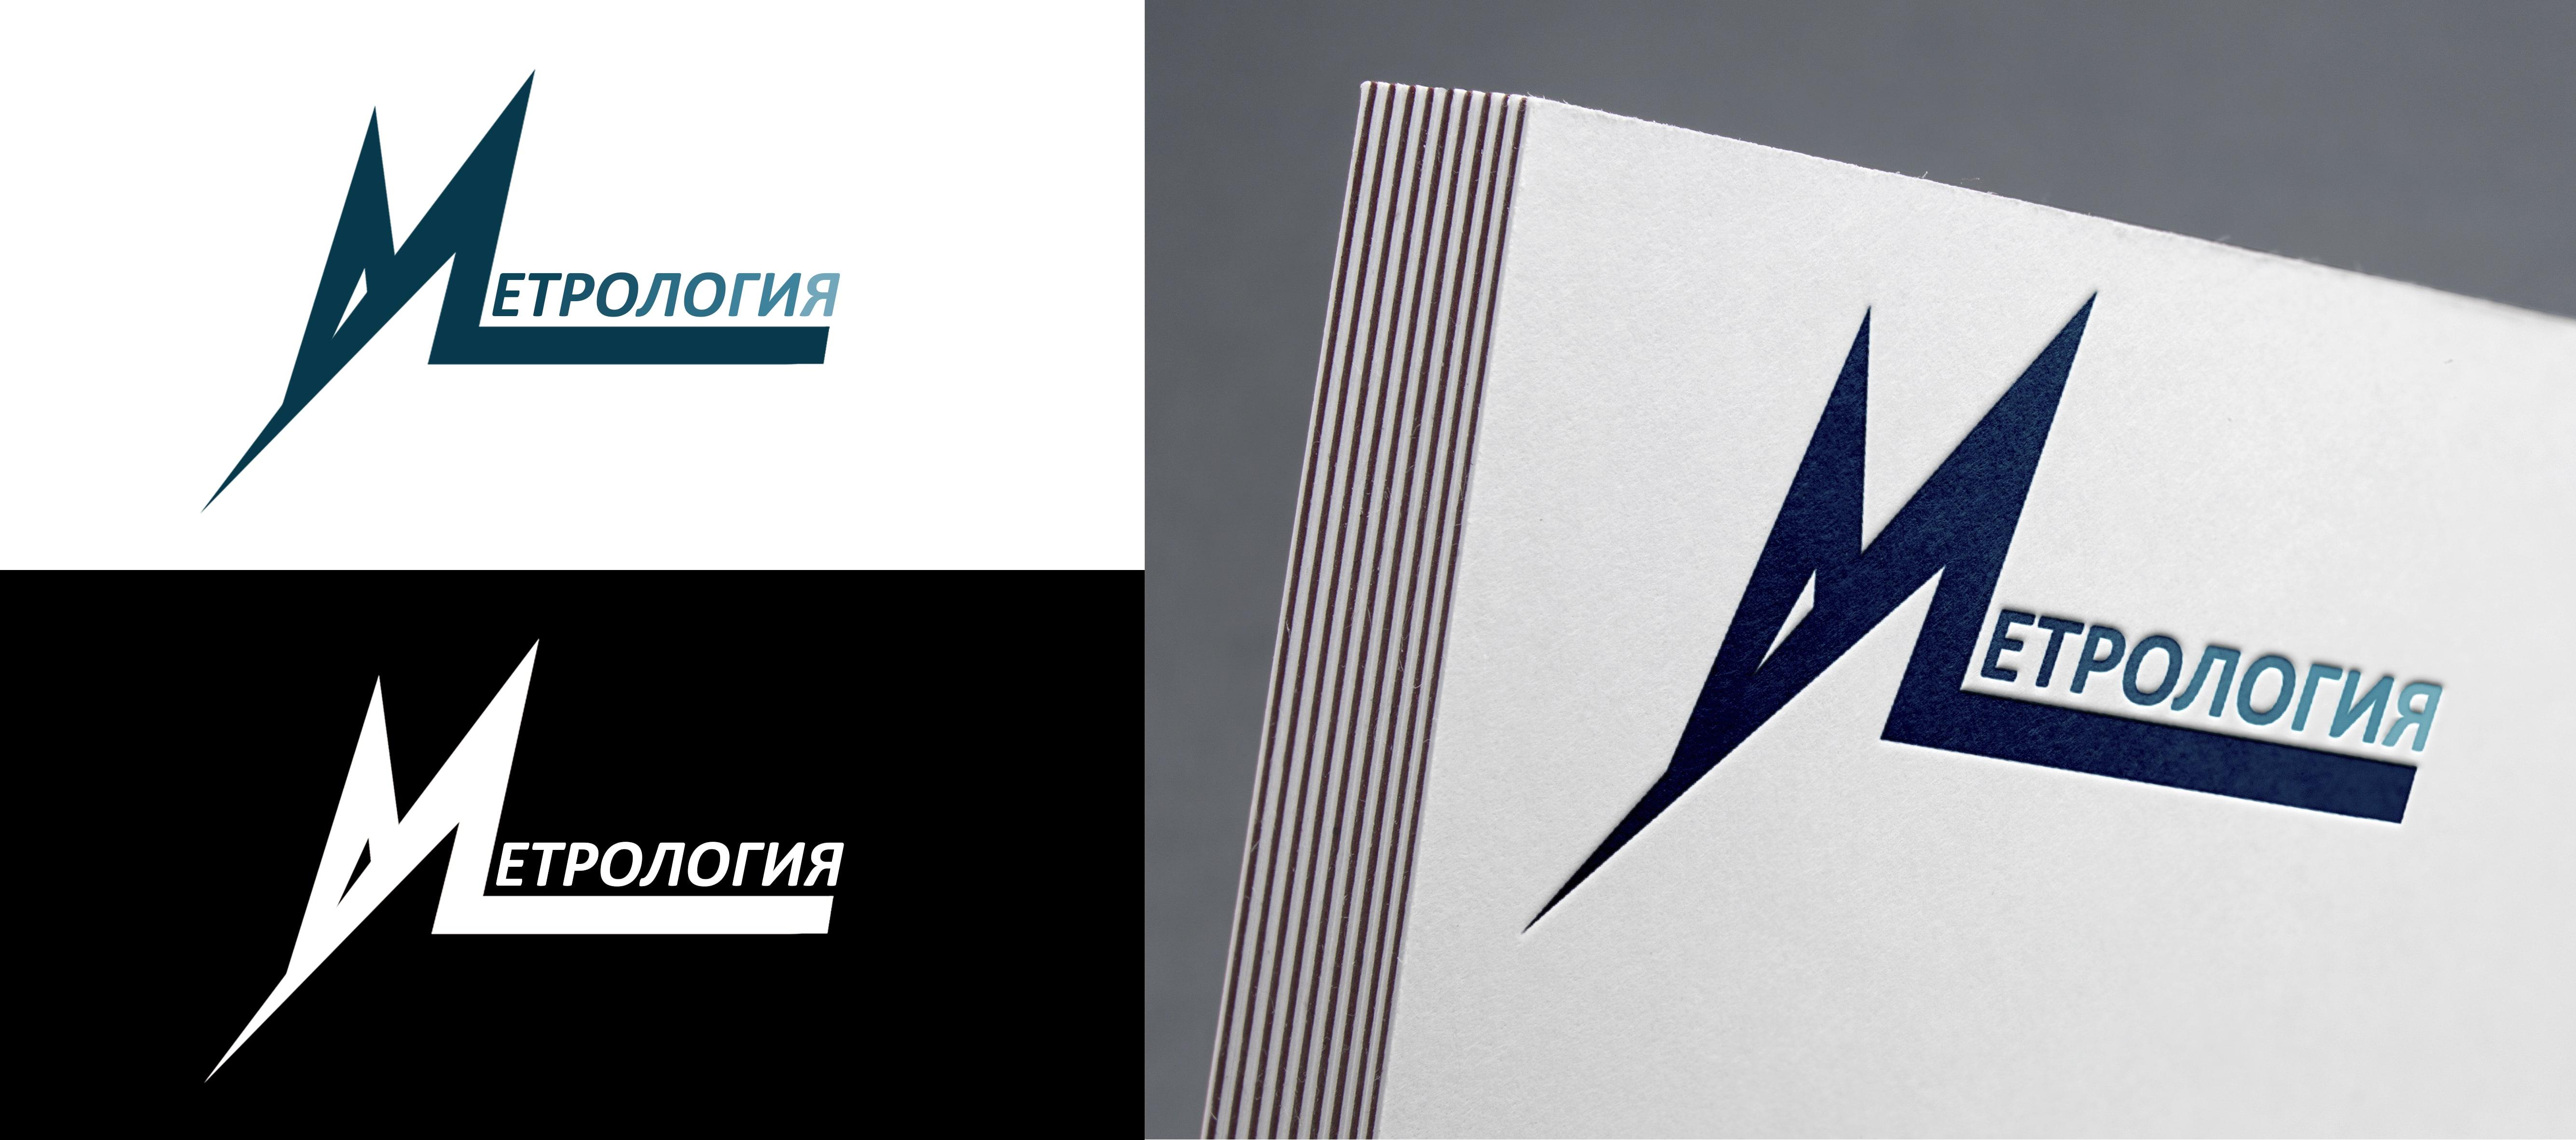 Разработать логотип, визитку, фирменный бланк. фото f_22558f8e03888ba7.jpg